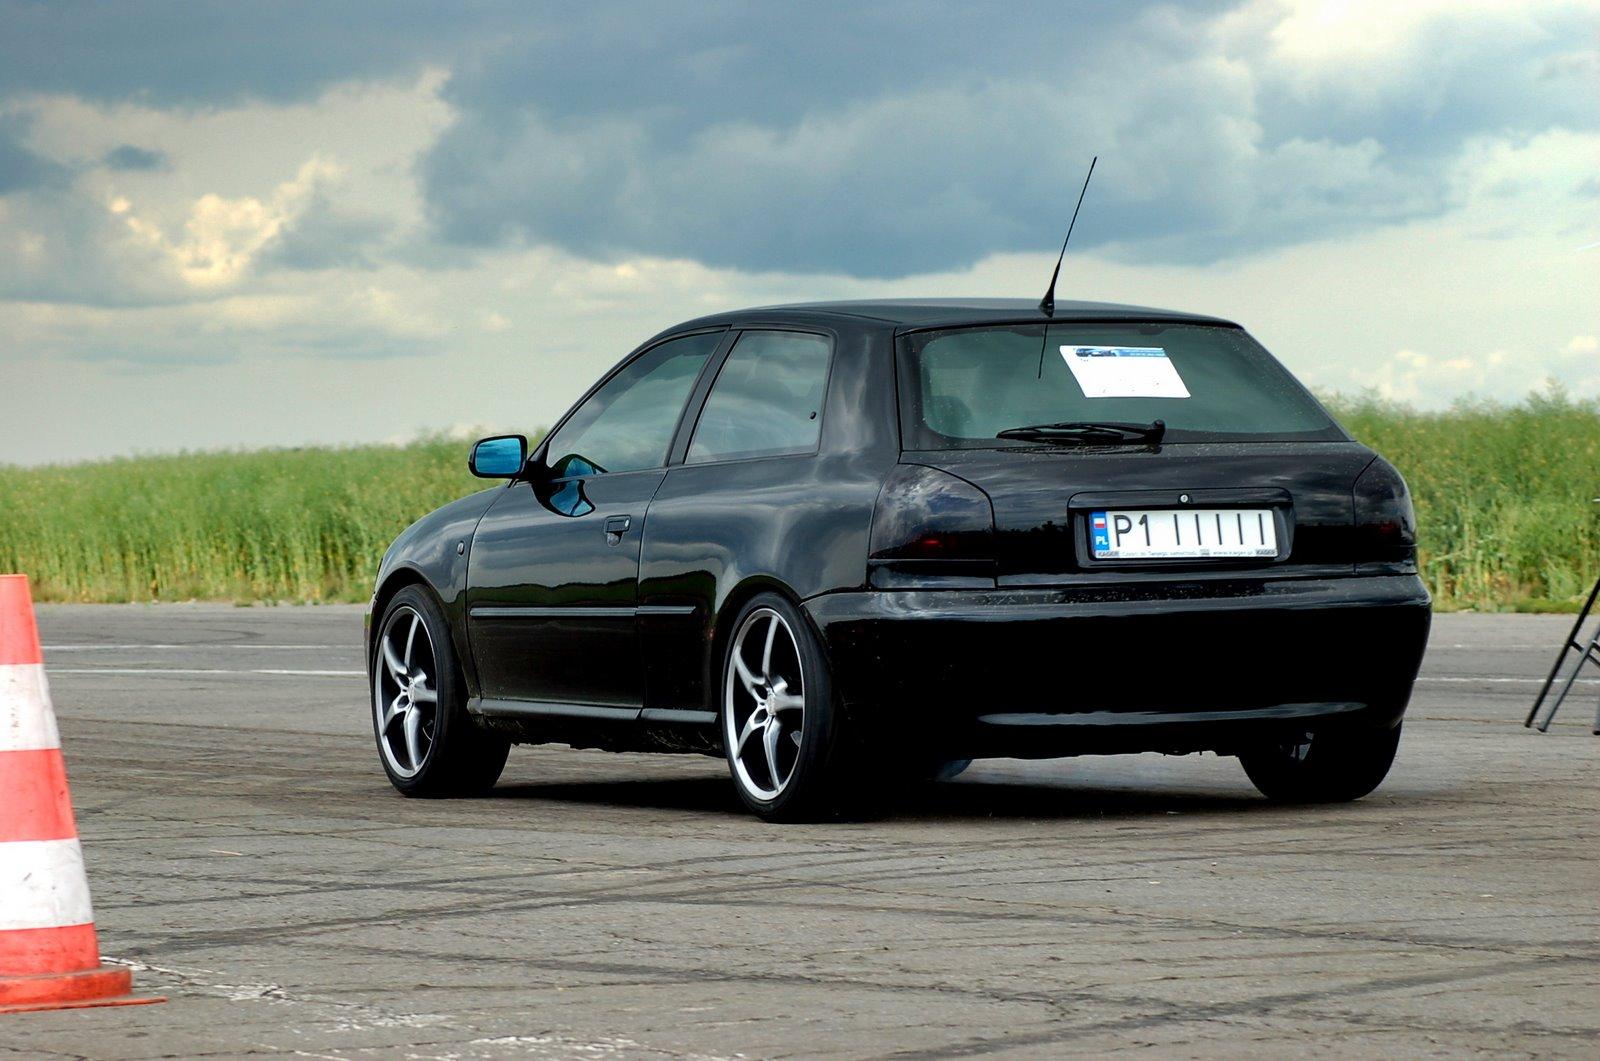 Audi A3 I Audi S3 Klub Miłośników Samochodów